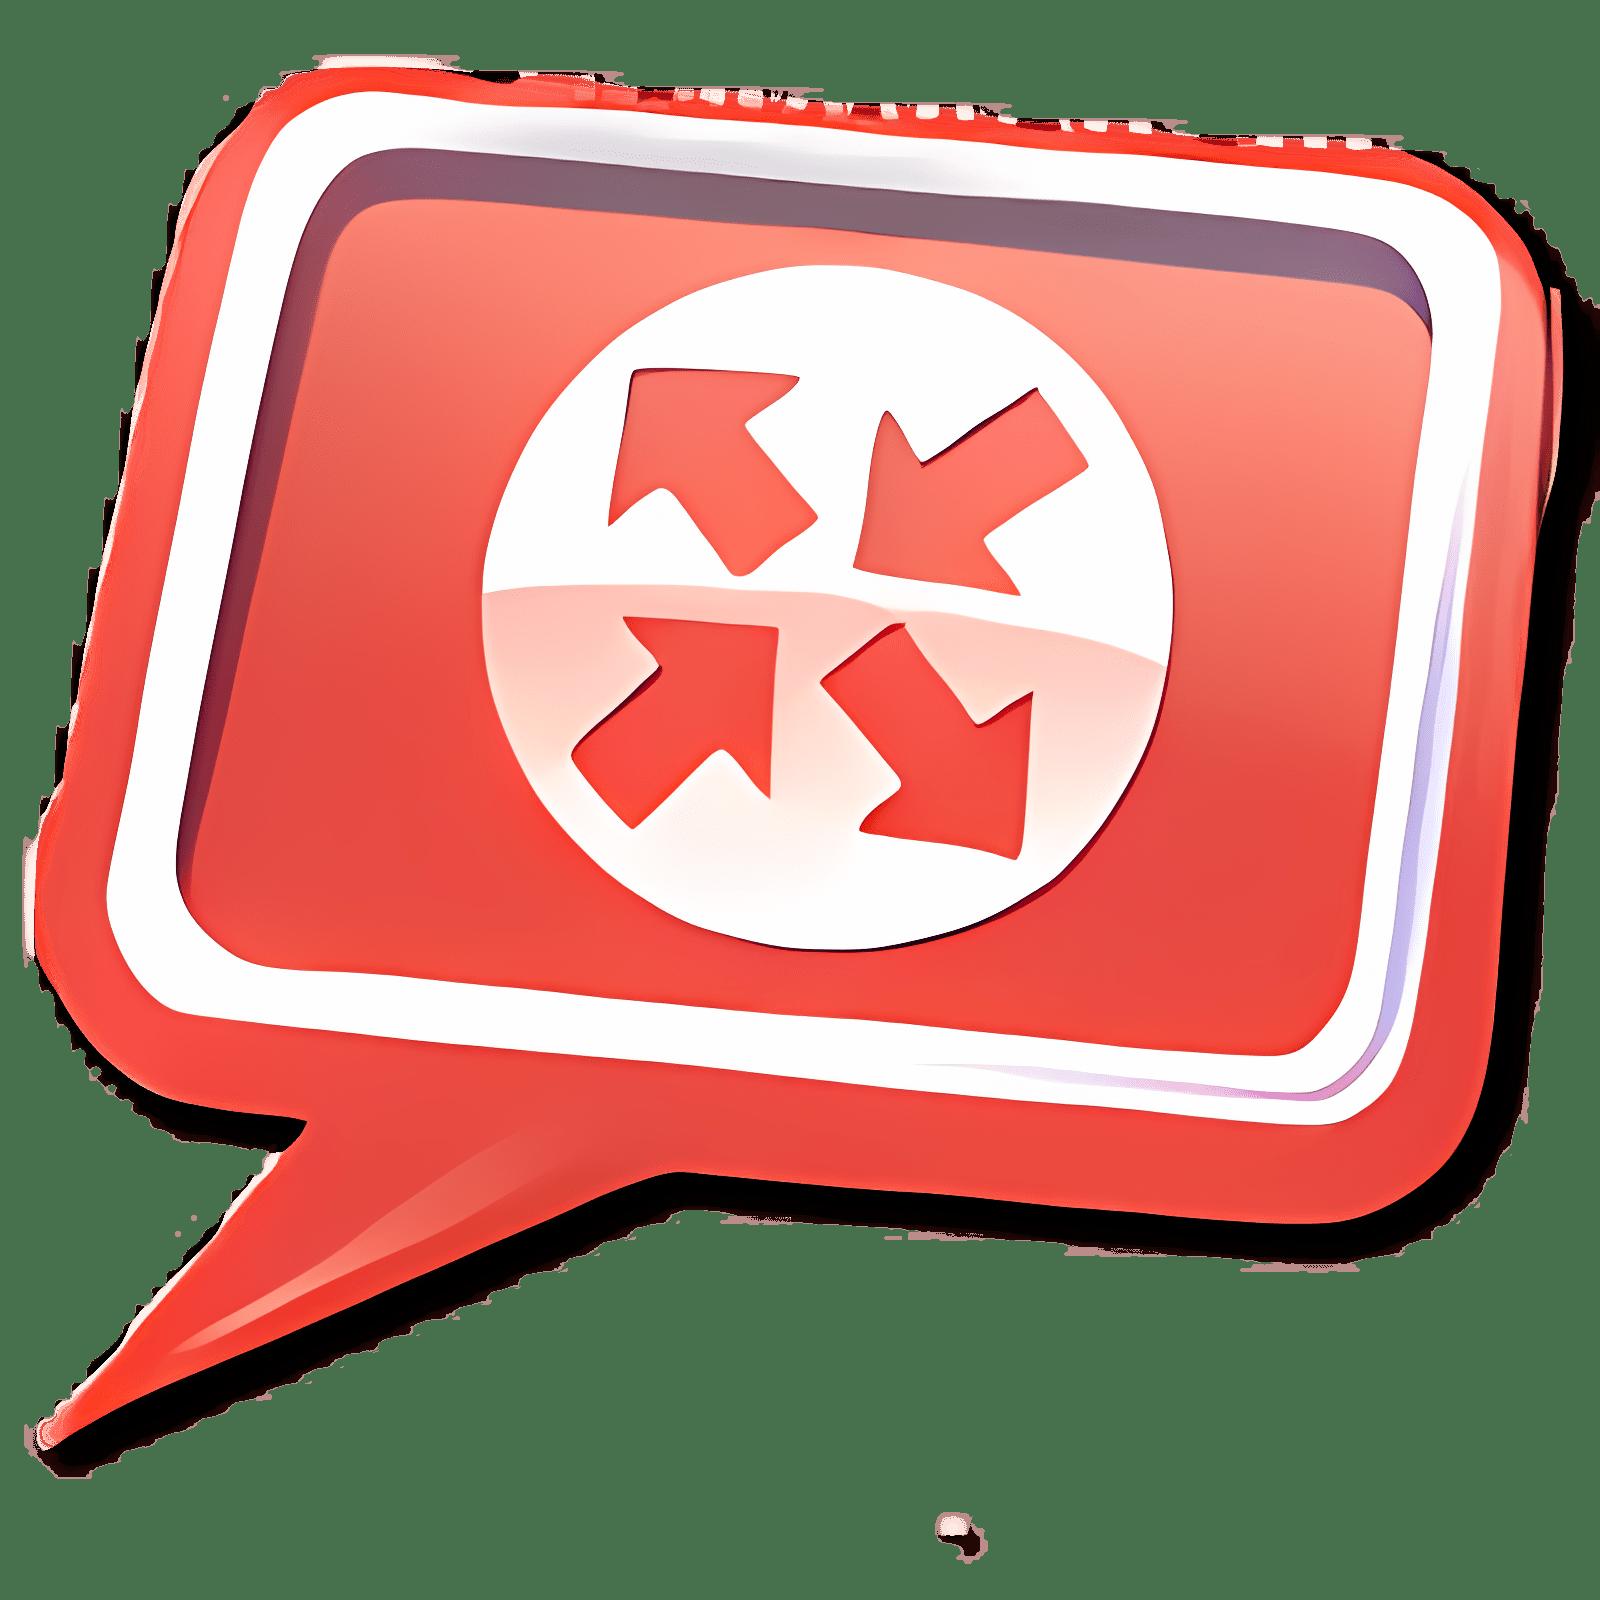 Kerio WinRoute Firewall